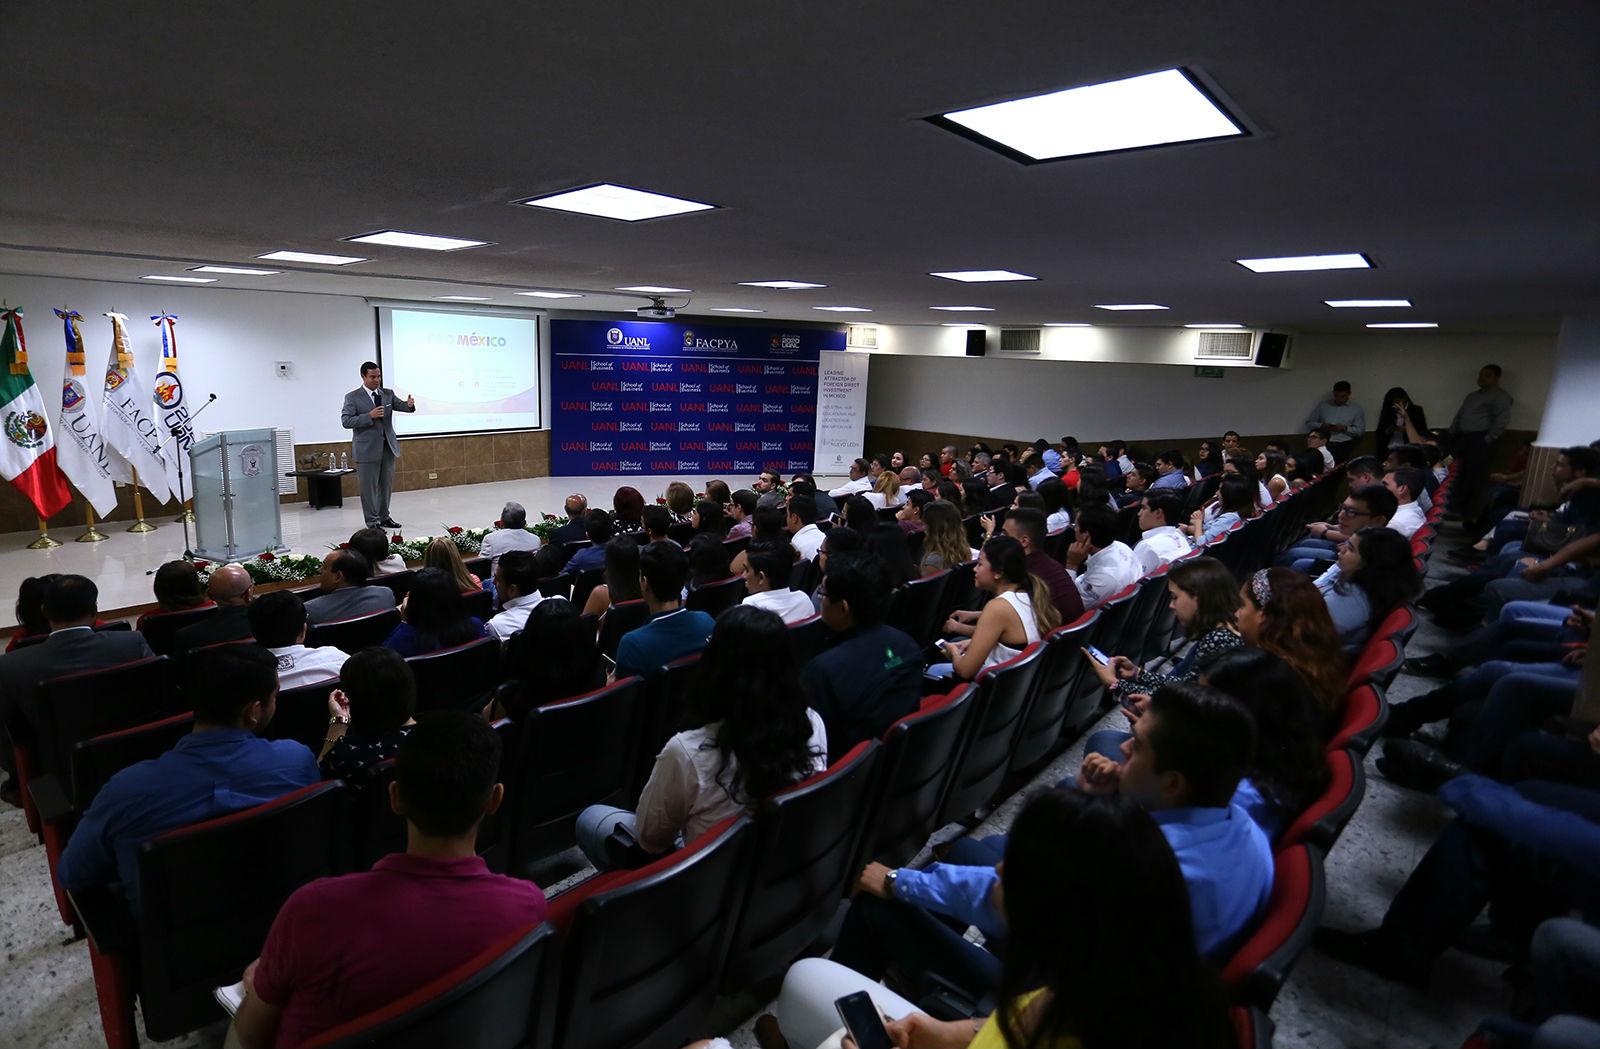 La conferencia se llevó a cabo en el Auditorio de la Facultad de Contaduría Pública y Administración